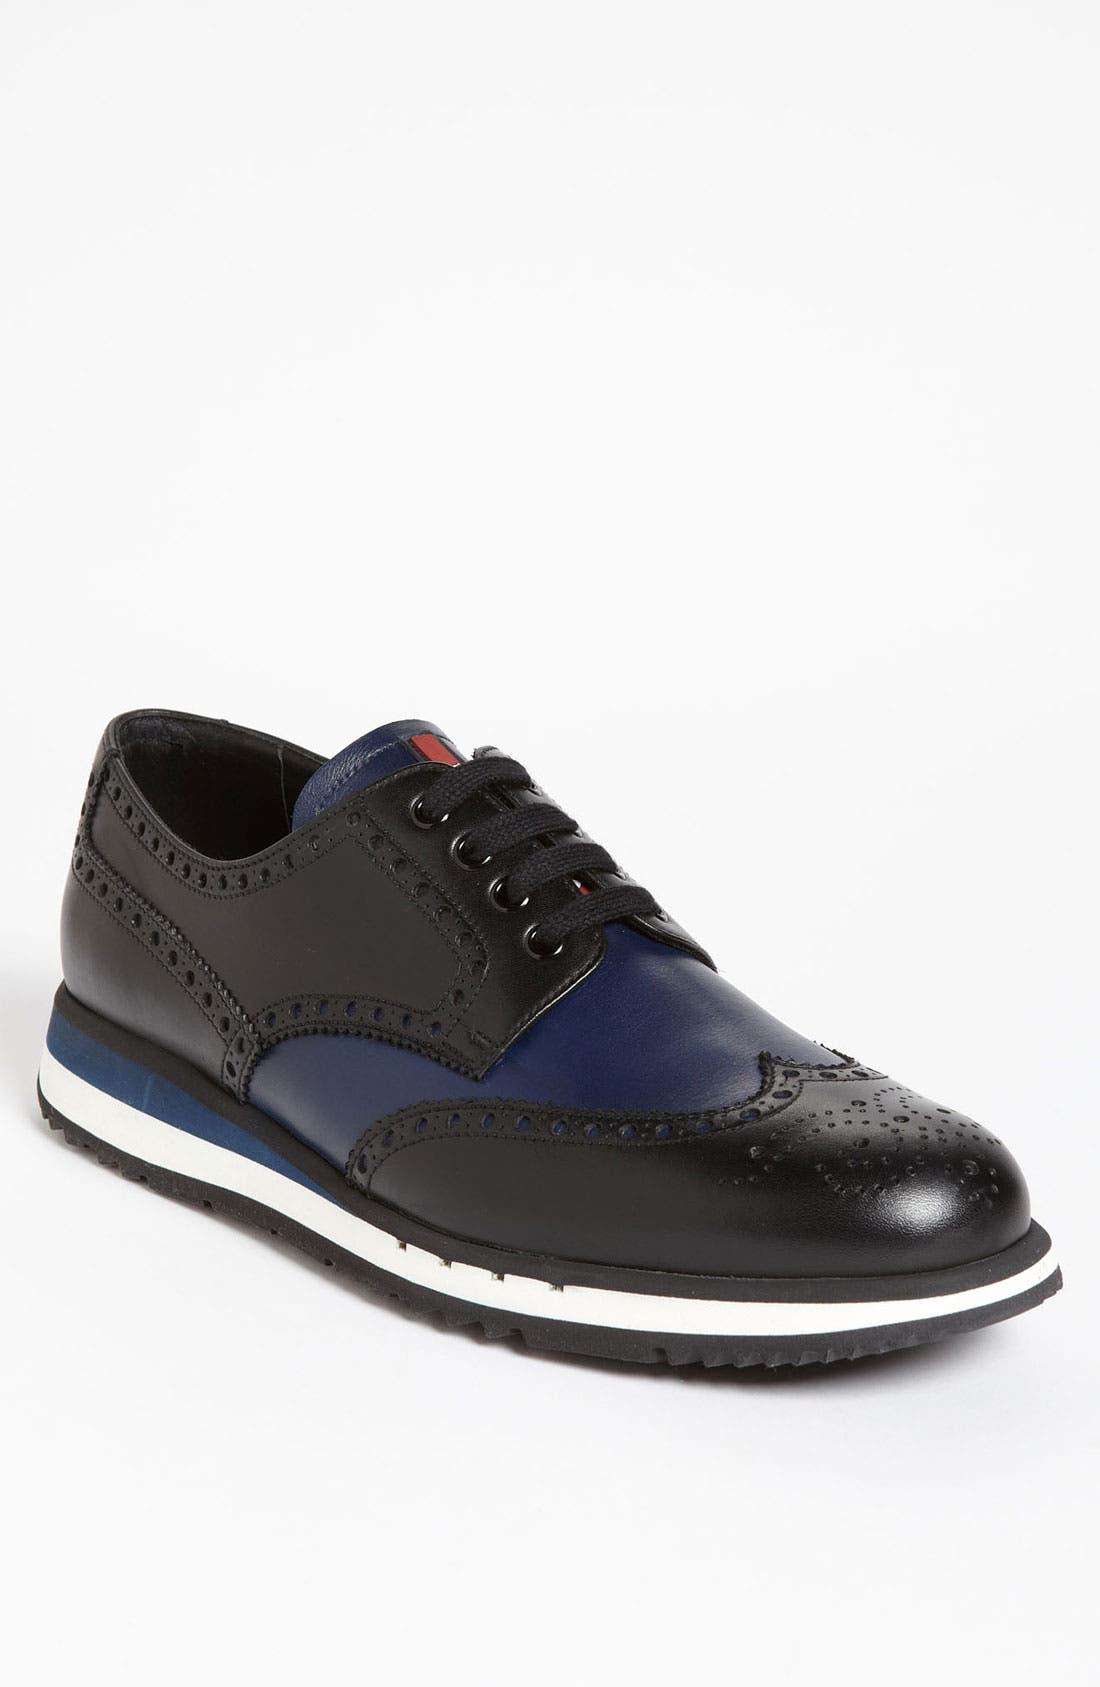 Alternate Image 1 Selected - Prada Two Tone Wingtip Sneaker